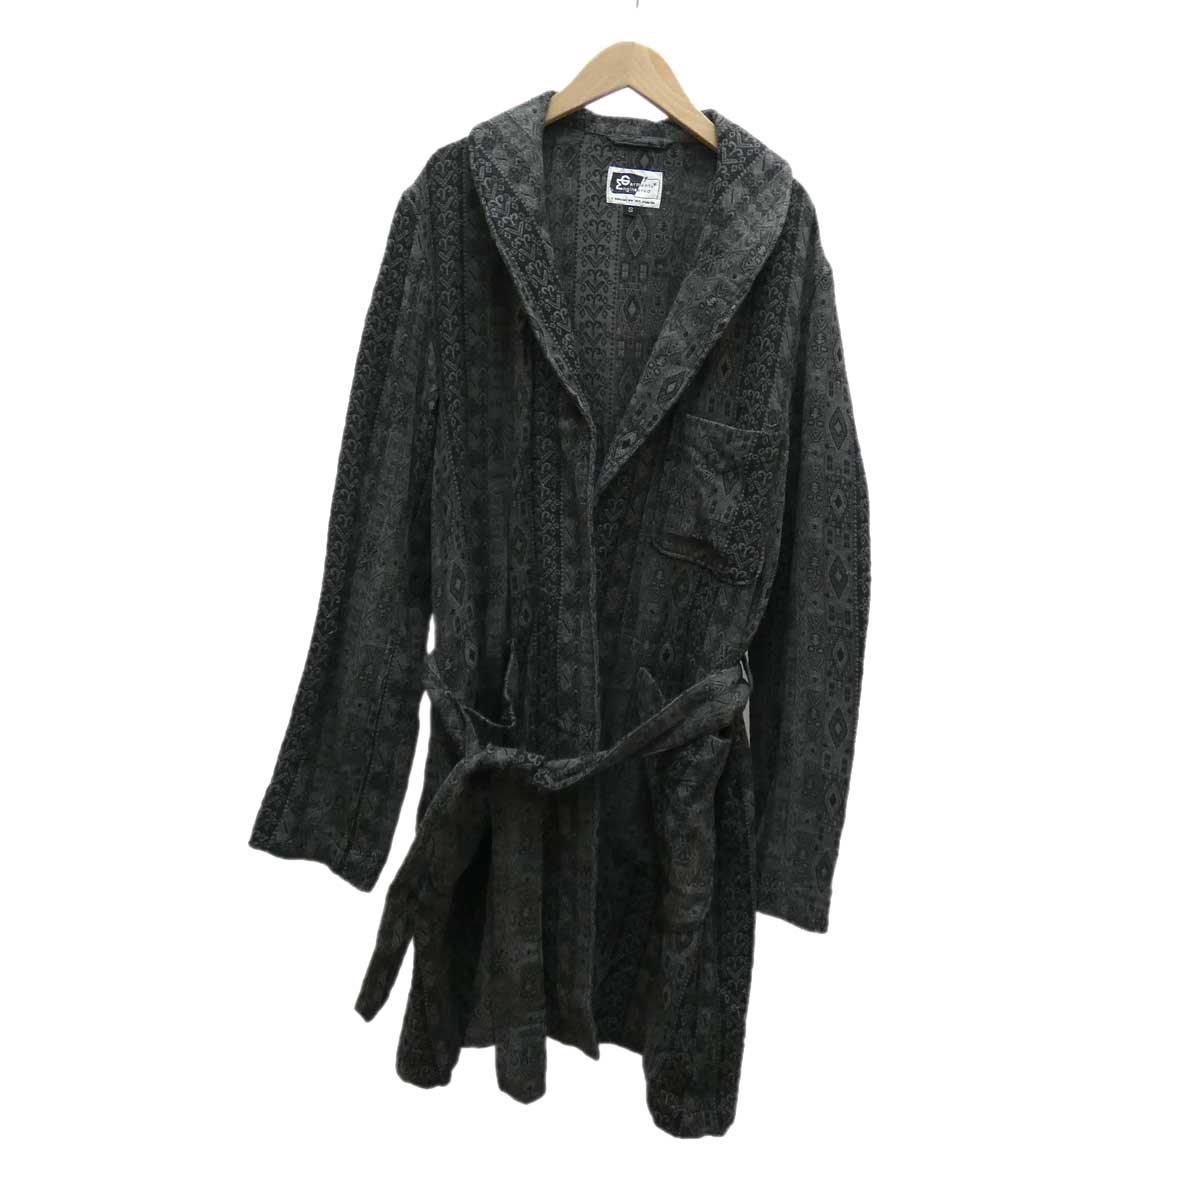 【中古】Engineered Garments コットンジャガードローブコート グレー サイズ:S 【280120】(エンジニアードガーメンツ)